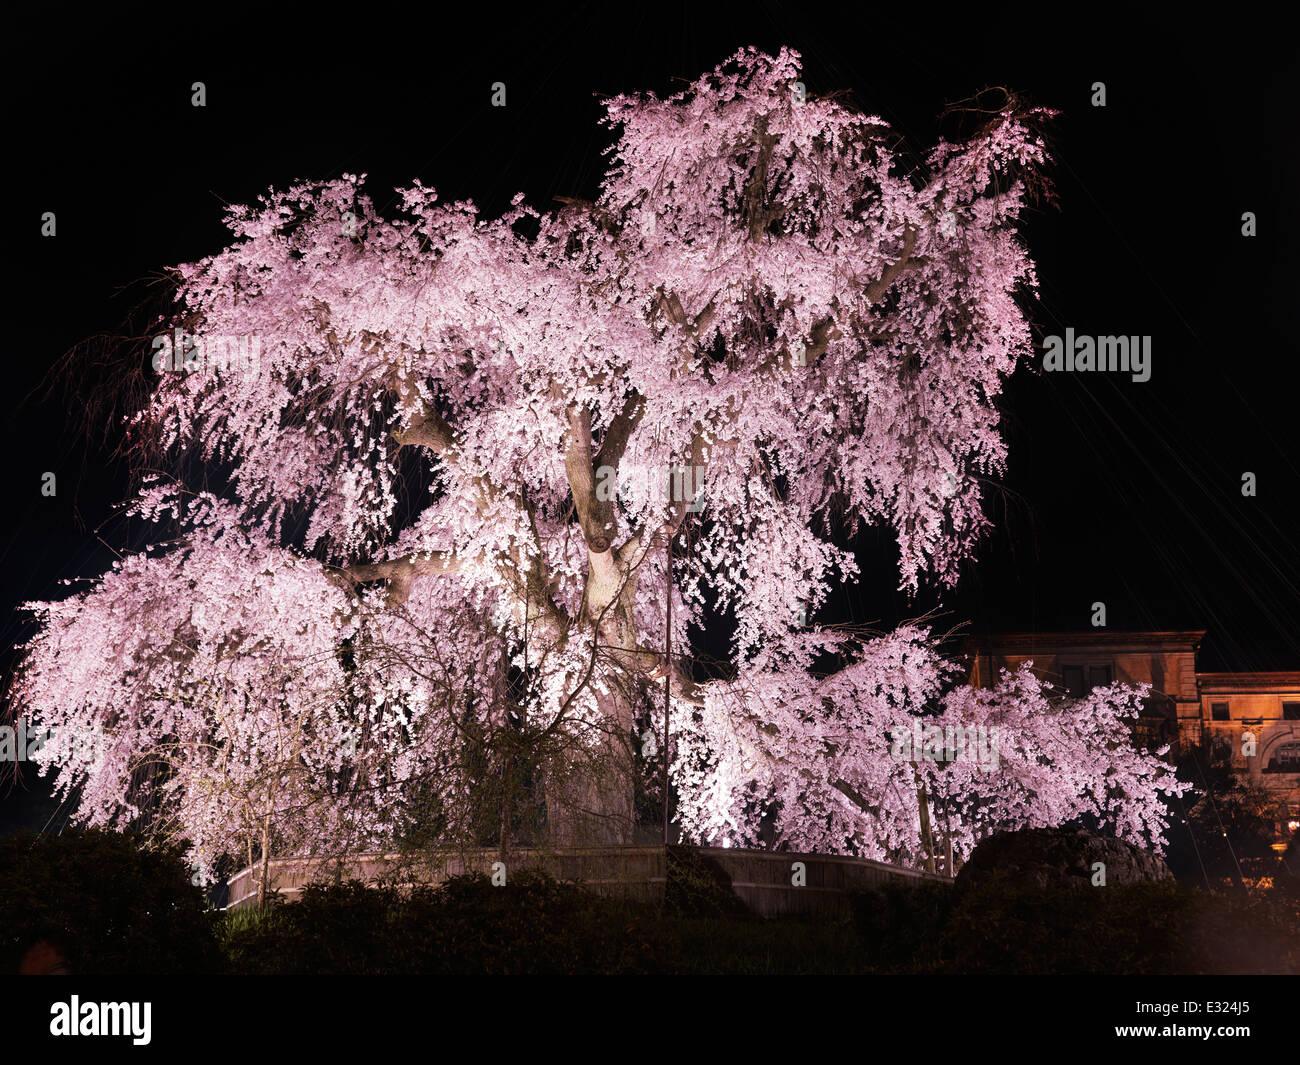 Vieux cerisier pleureur, shidarezakura, éclairé la nuit en parc Maruyama, Gion, Kyoto, Japon 2014 Photo Stock